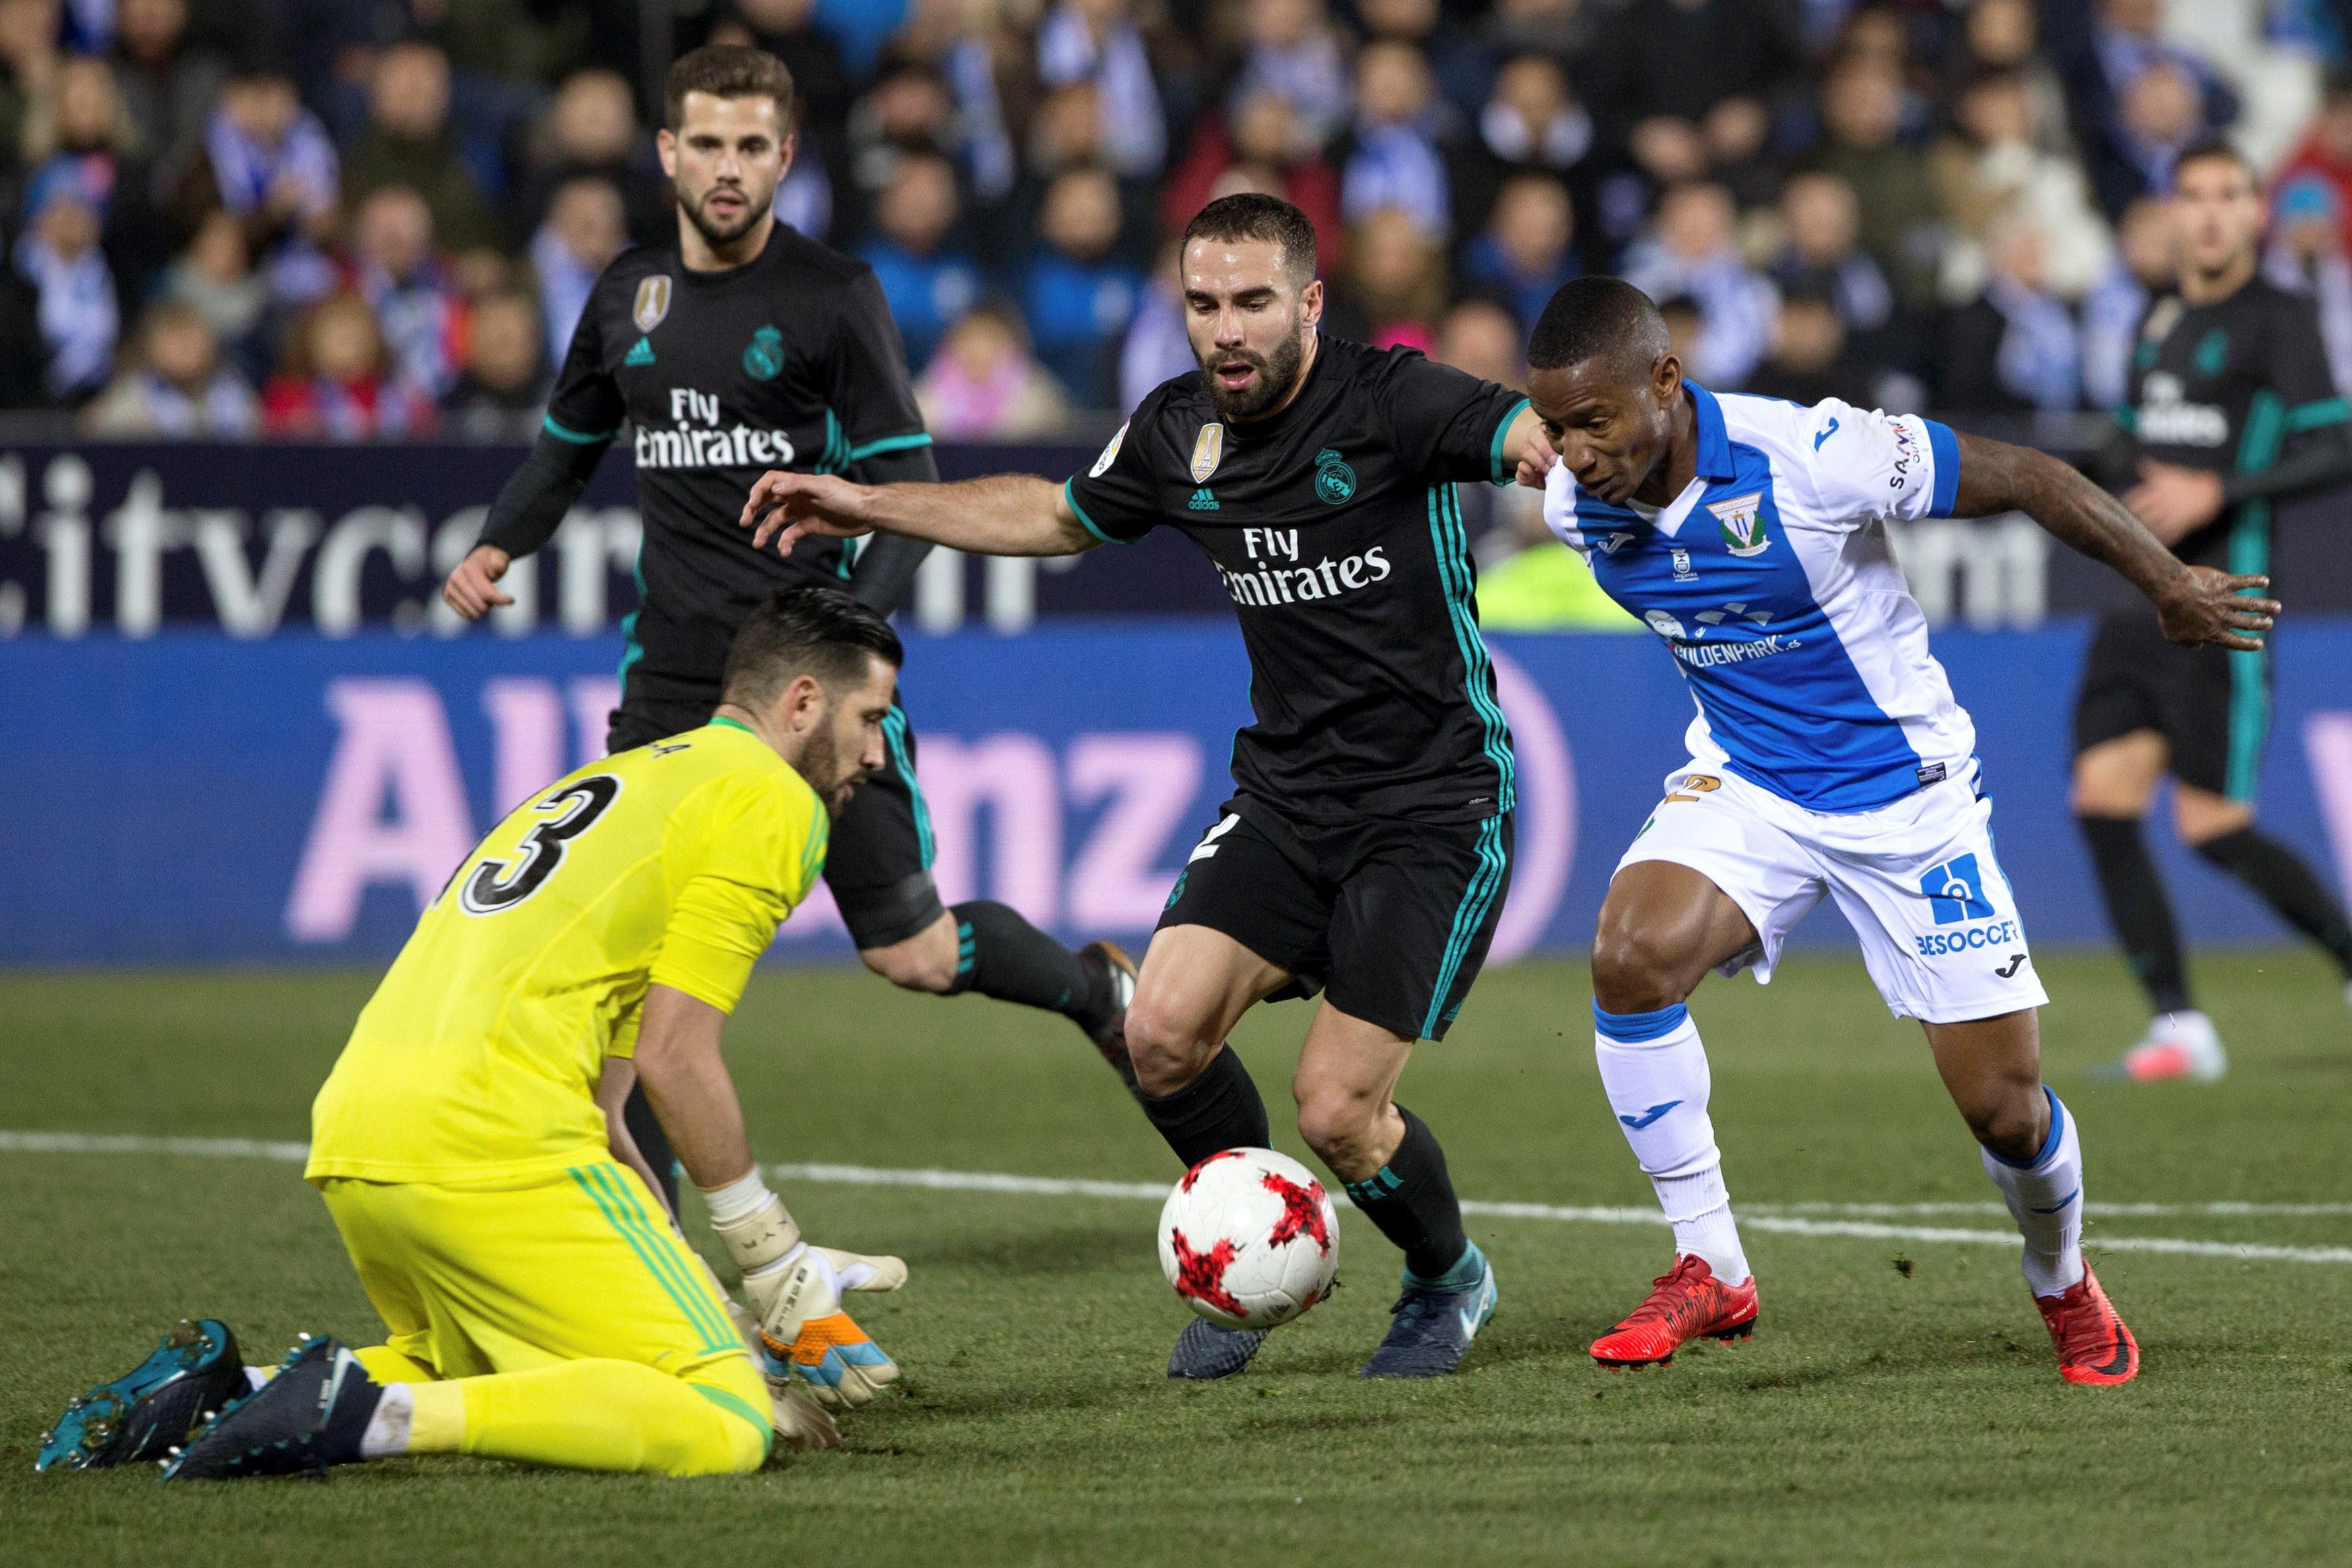 Taça do Rei: Real Madrid visita e vence Leganés